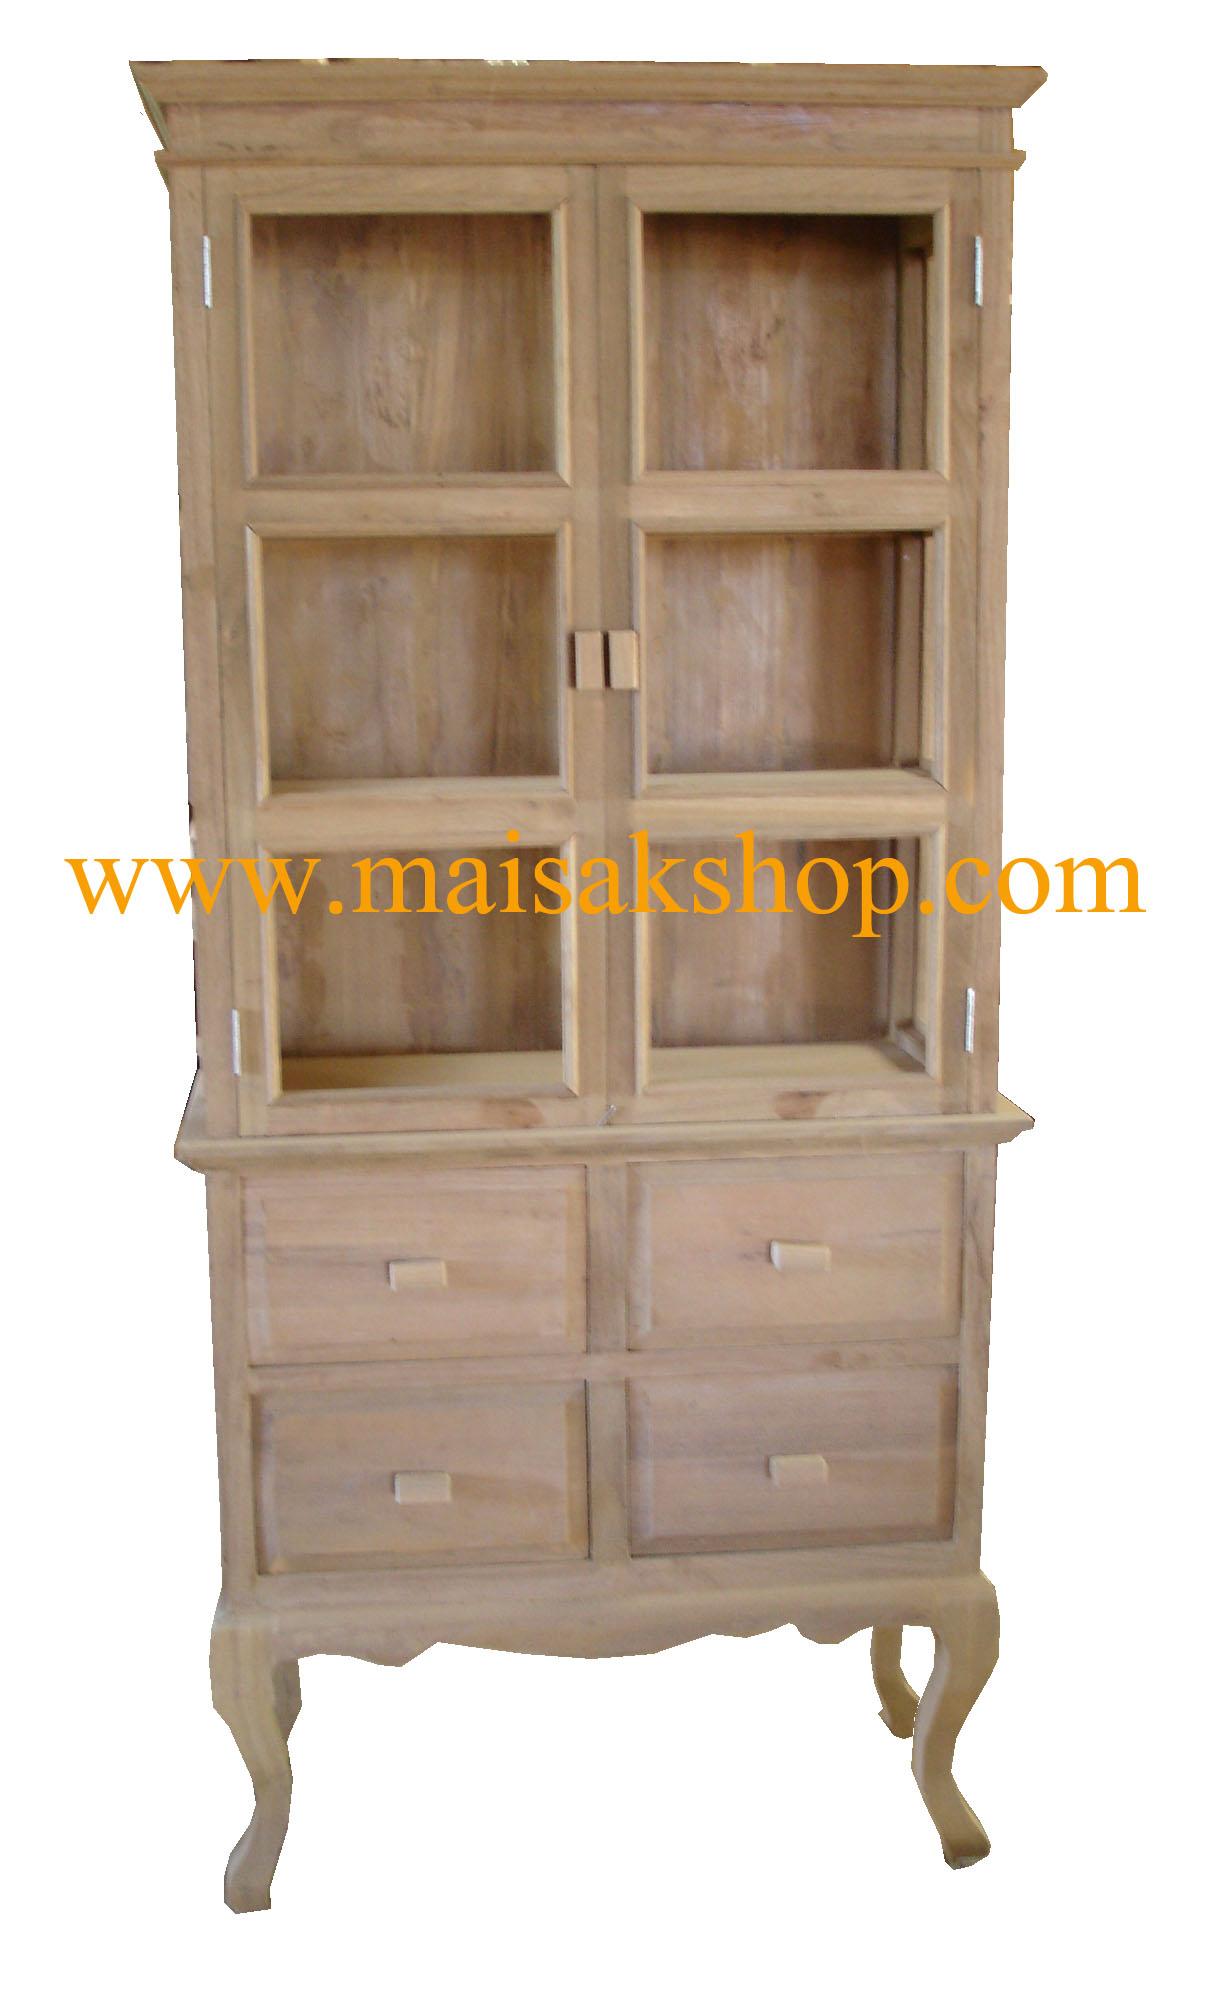 เฟอร์นิเจอร์ไม้สัก (furniture) ตู้,ตู้โชว์,ตู้โบราณ,ตู้โบราณไม้,ตู้โบราณไม้สัก